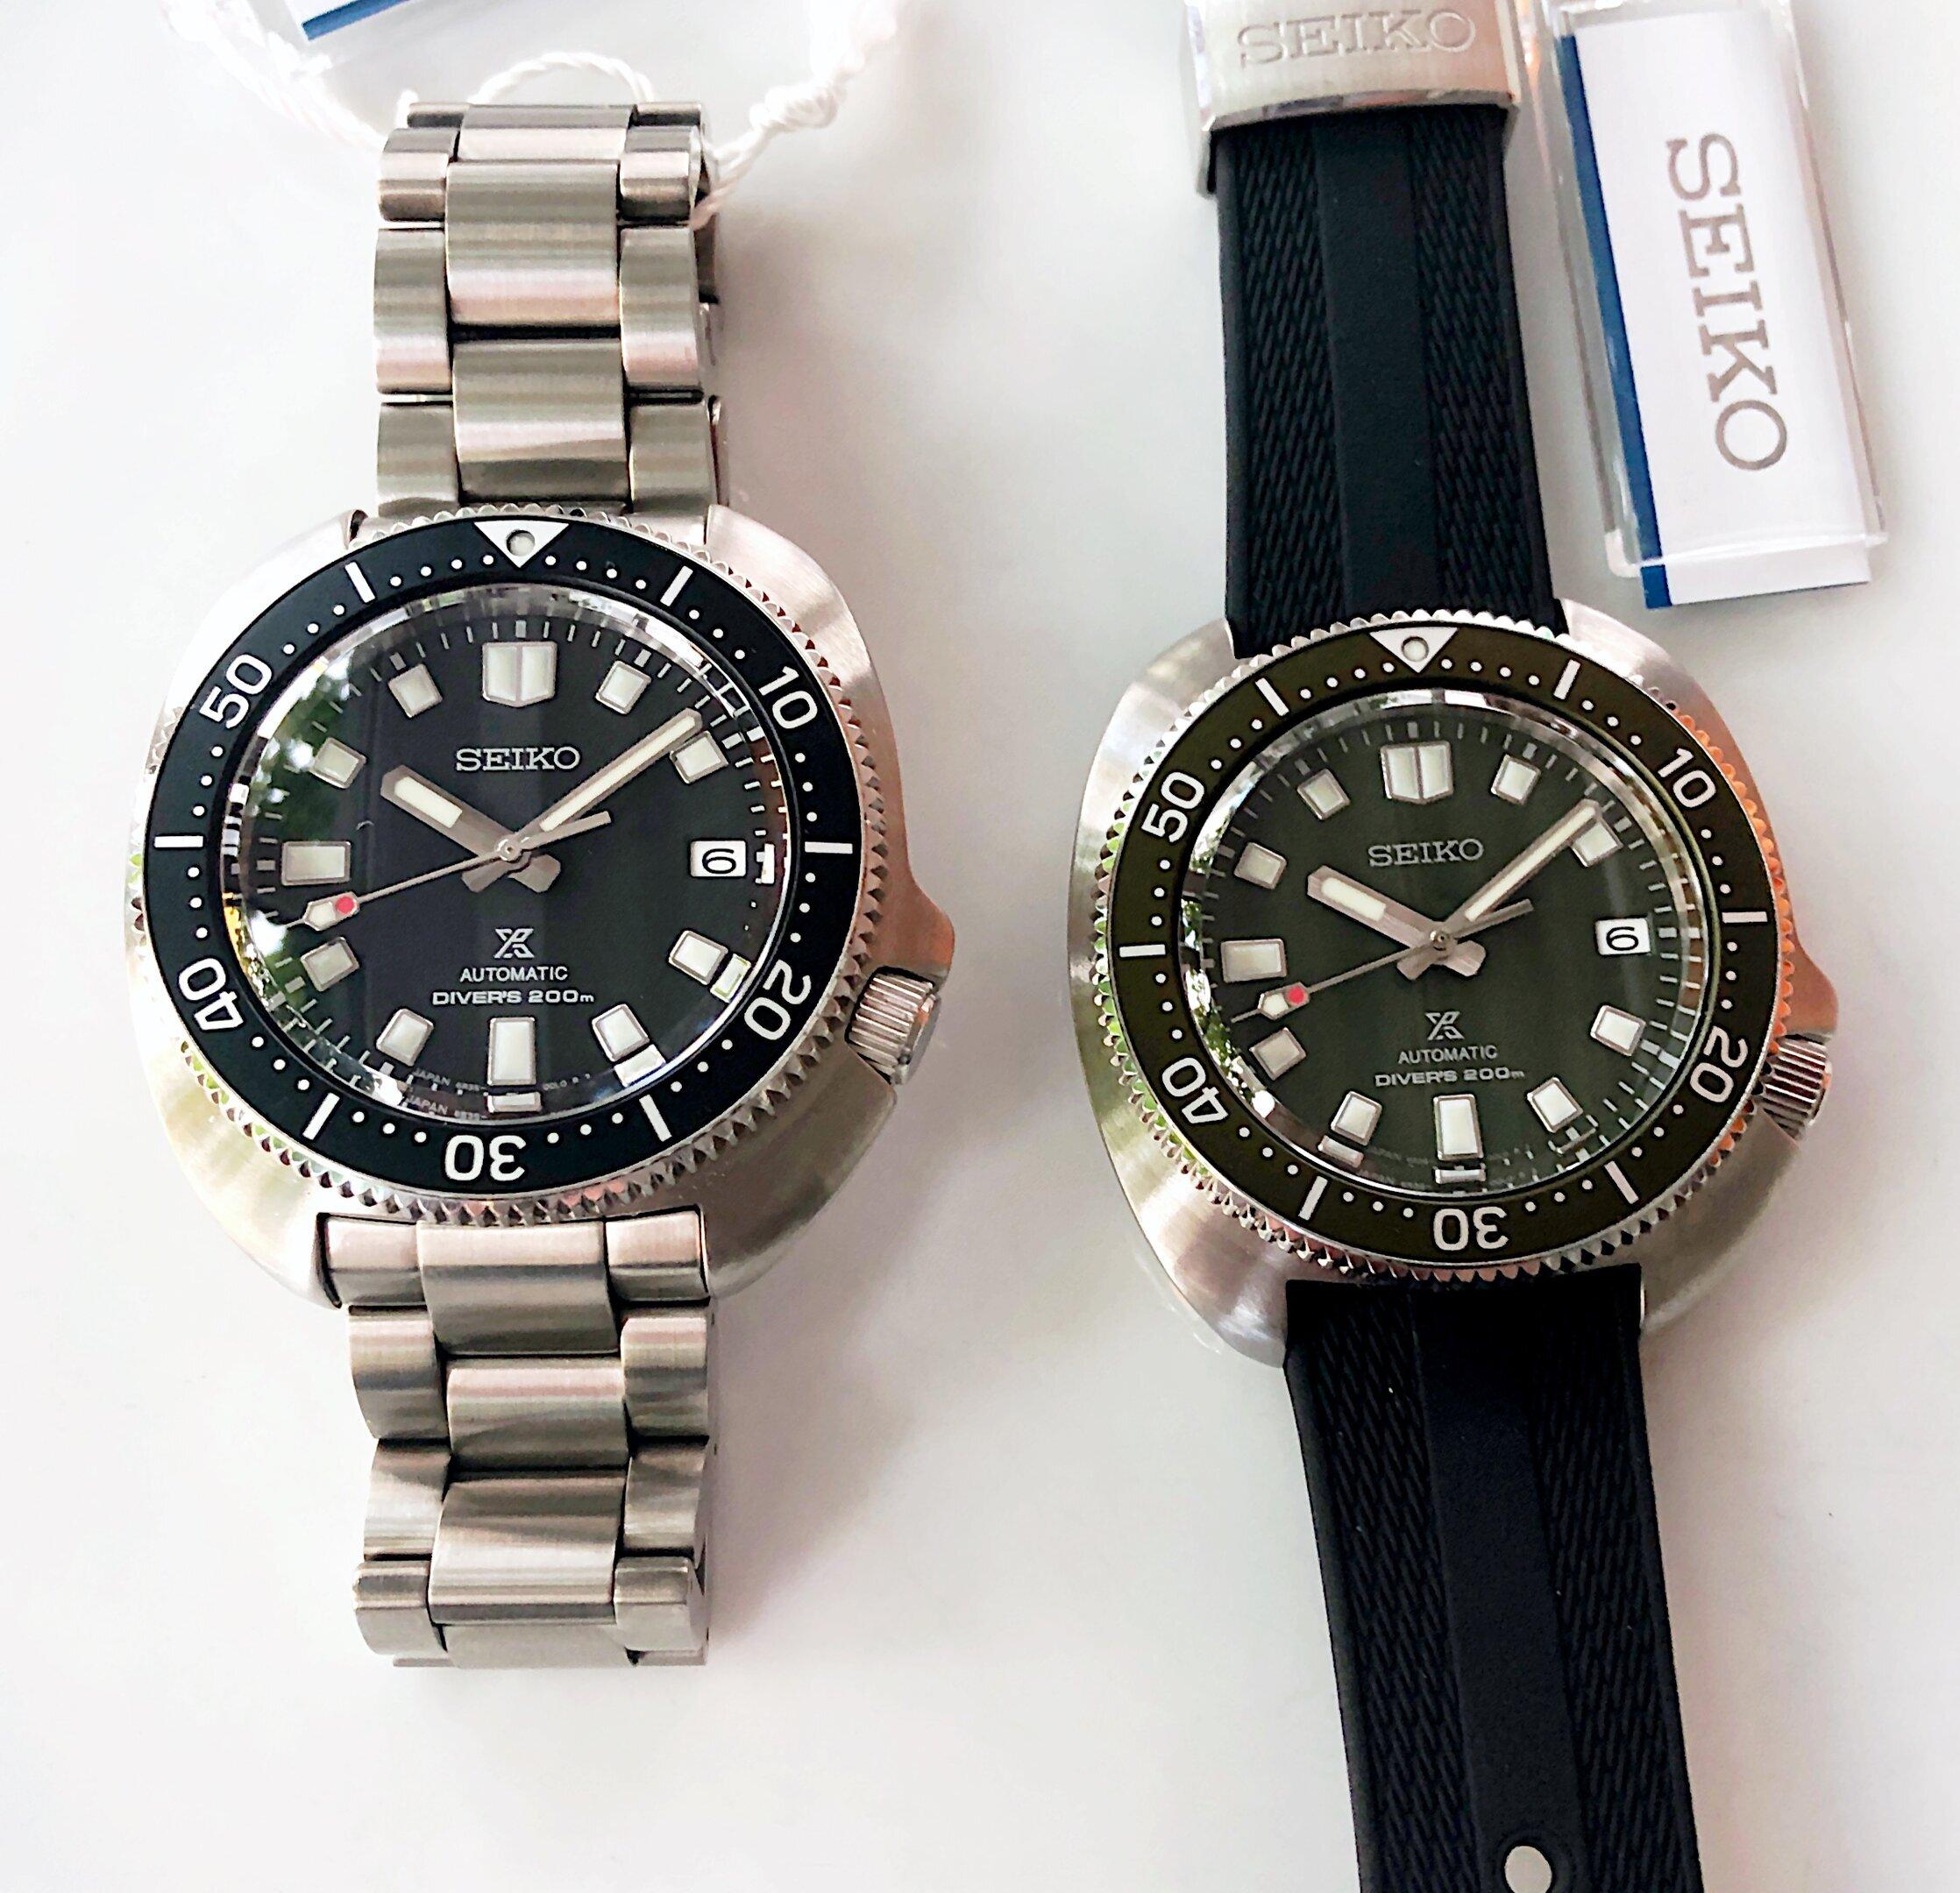 385D5A38-C7A4-4961-AB16-80CB49375F72.